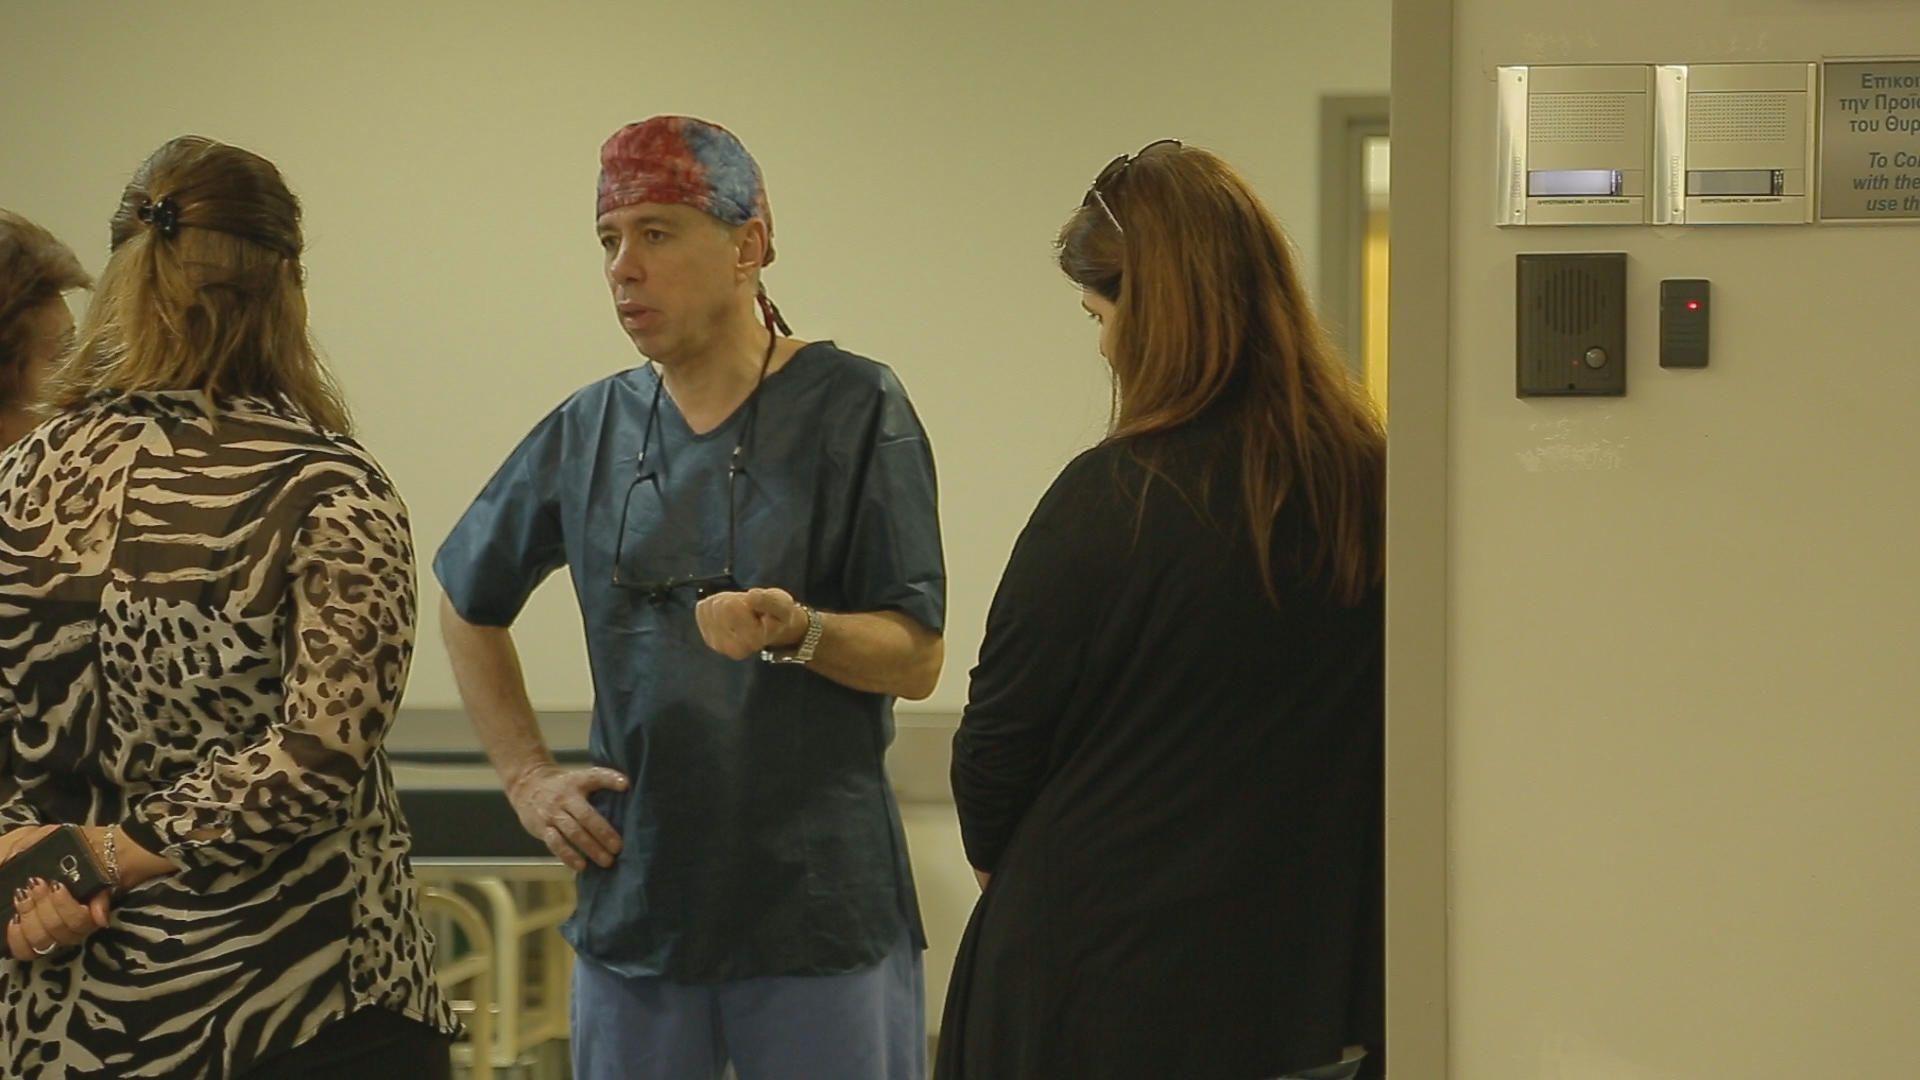 Ο Παναγιώτης Δεδεηλίας είναι καρδιοχειρουργός Επιμελητής Α' στο Γενικό Νοσοκομείο Αθηνών «ΕΥΑΓΓΕΛΙΣΜΟΣ». Ασκεί τα ιατρικά του καθήκοντα στο μεγαλύτερο νοσοκομείο της Ελλάδας για πάνω από 20 χρόνια. Όπως χαρακτηριστικά αναφέρει, ο ίδιος είναι η τελευταία μόνιμη πρόσληψη που έγινε στην ειδικότητά του από το 2000.